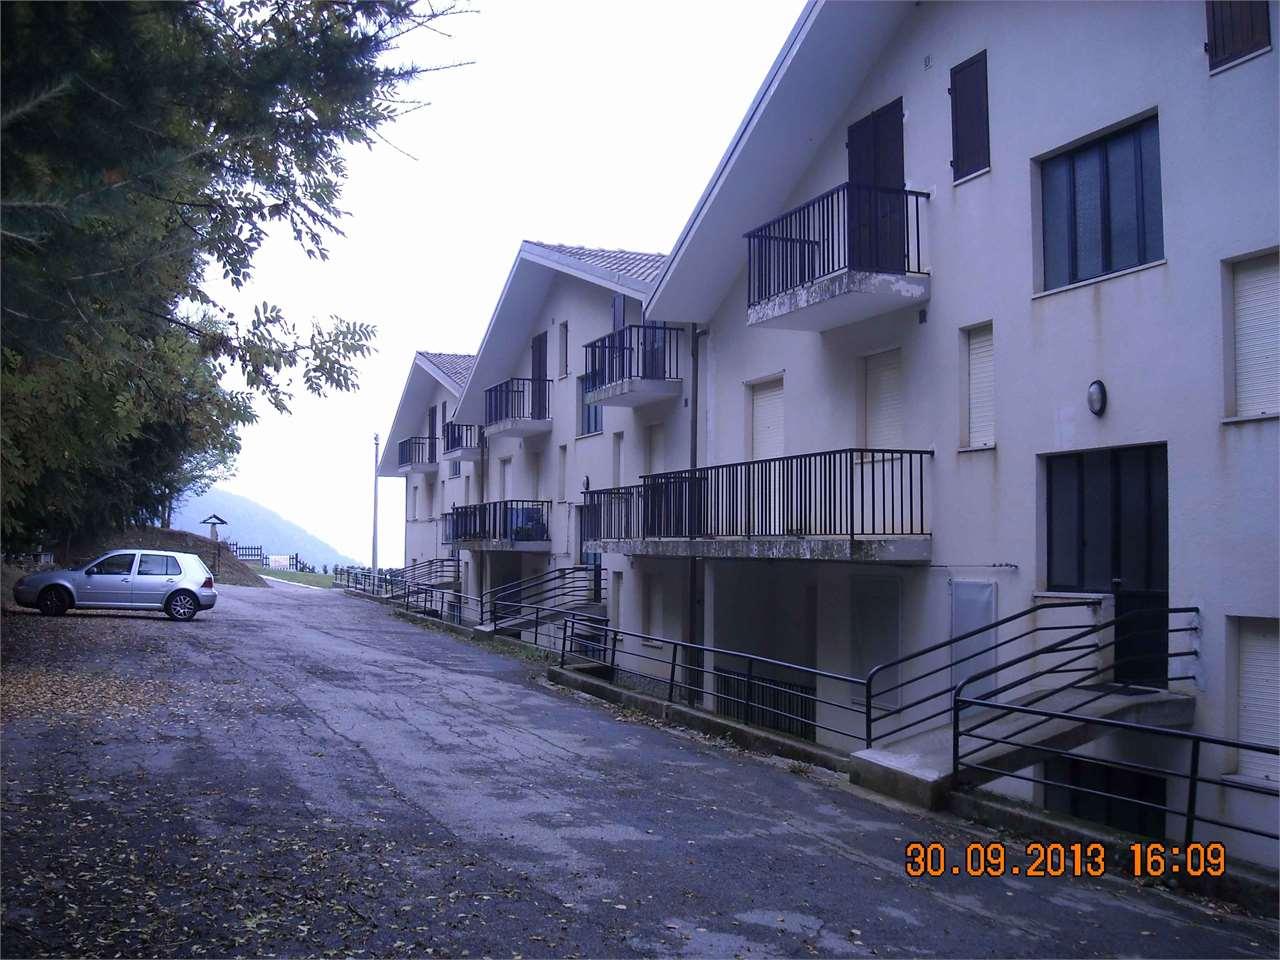 Appartamento in vendita a Pramollo, 2 locali, prezzo € 49.000 | Cambio Casa.it